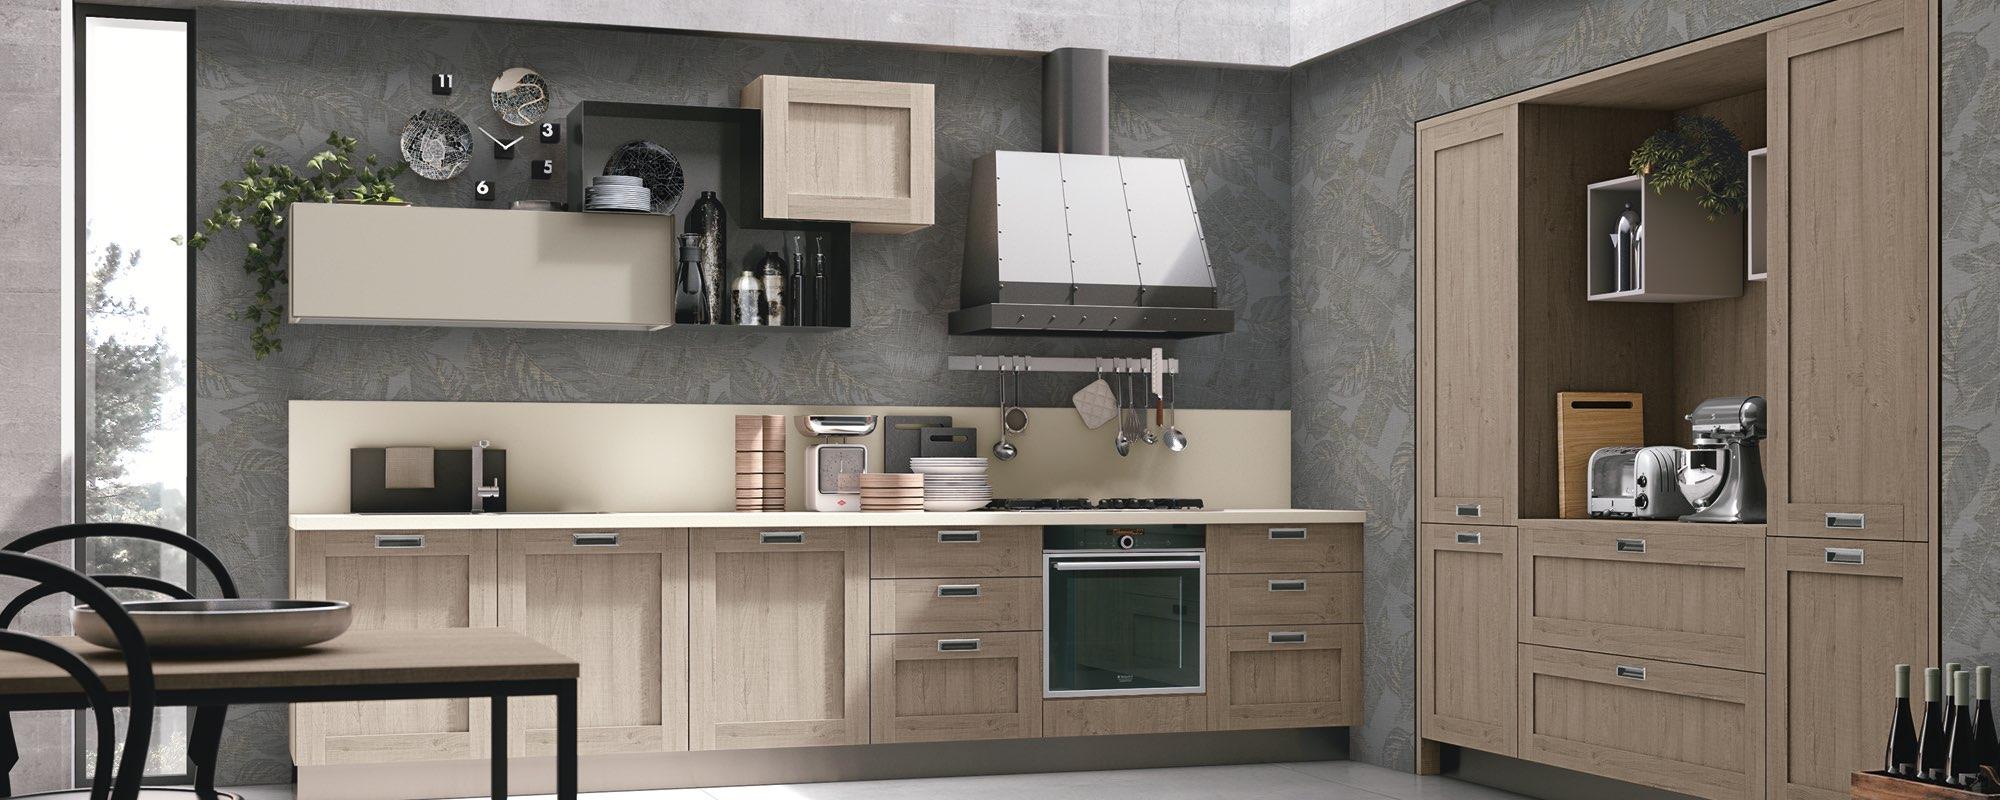 vista frontale di una cucina moderna in legno opaca con tavolo e sedie -CITY